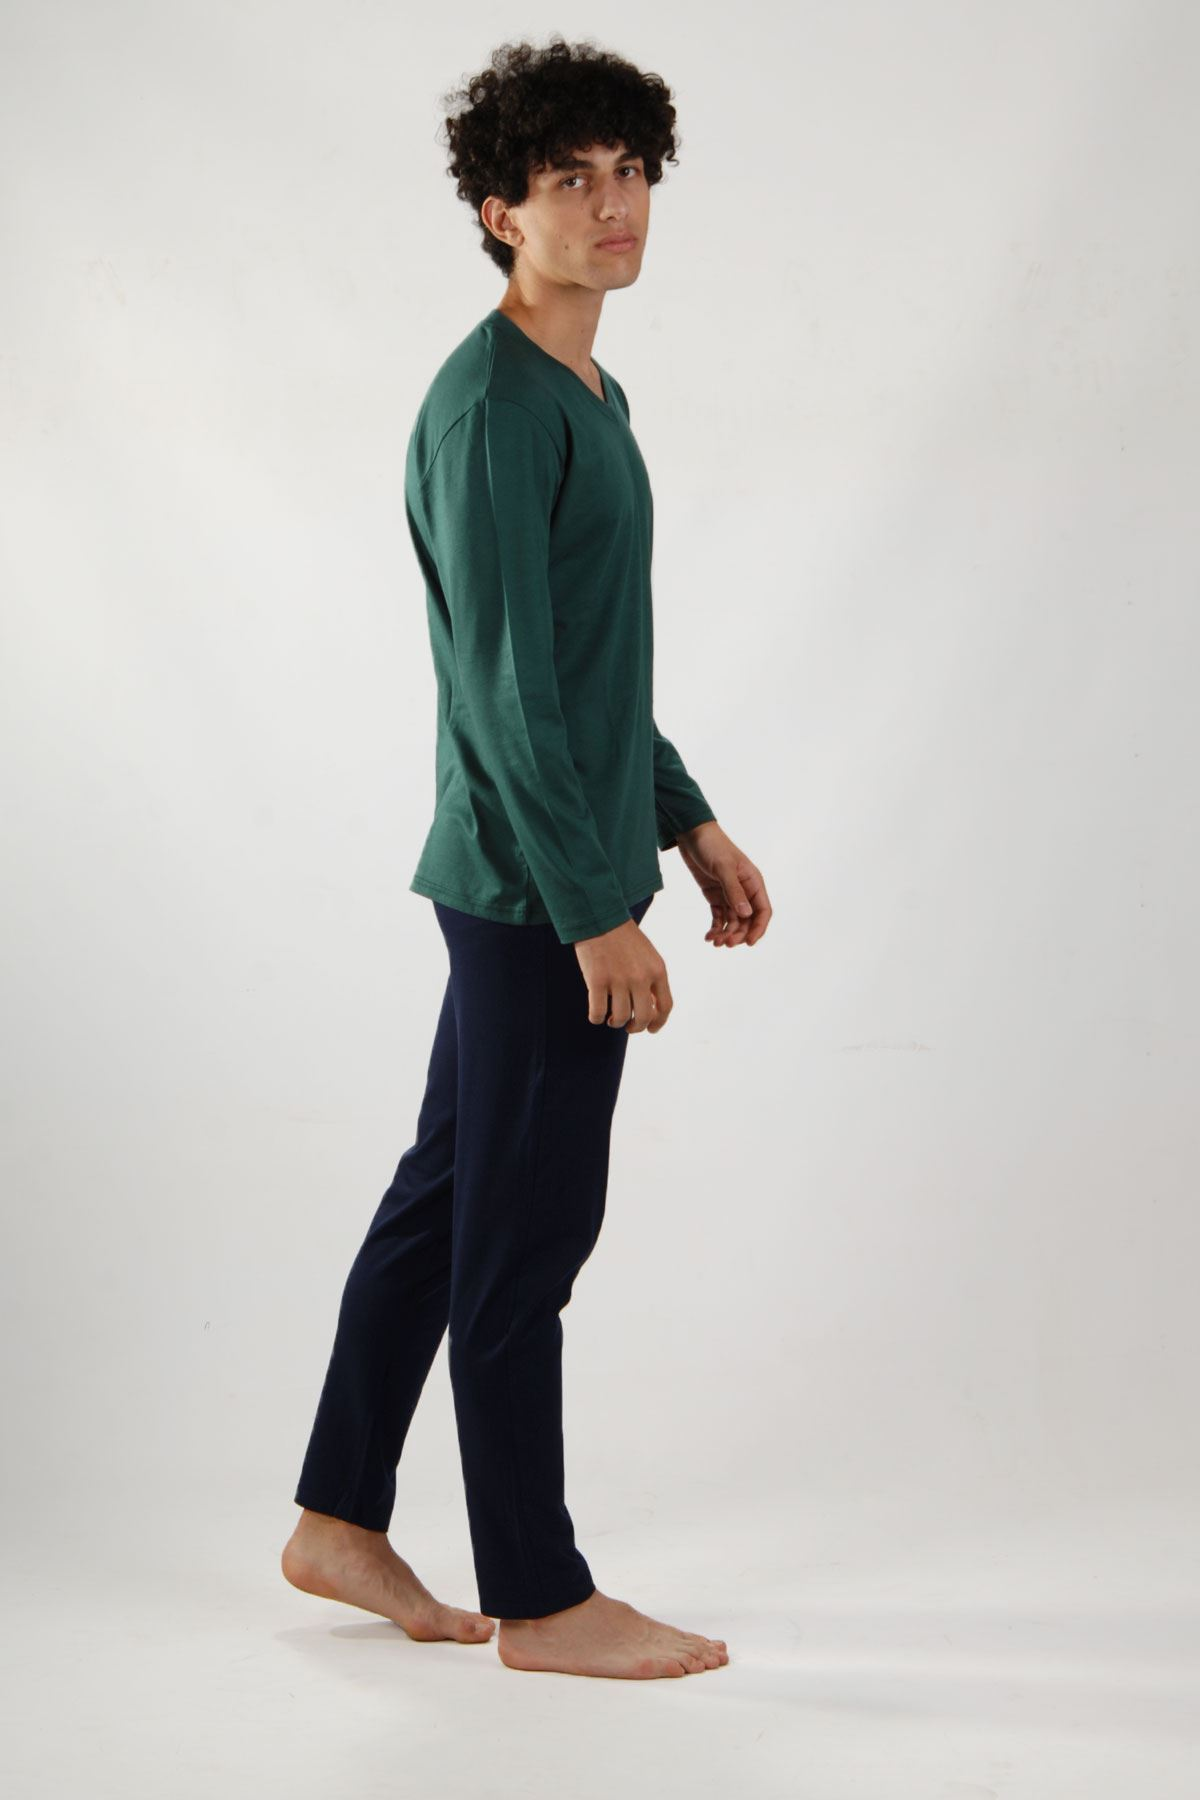 Outlet Yeşil Erkek Pijama Takımı V Yaka Uzun Kollu Pijama 6007